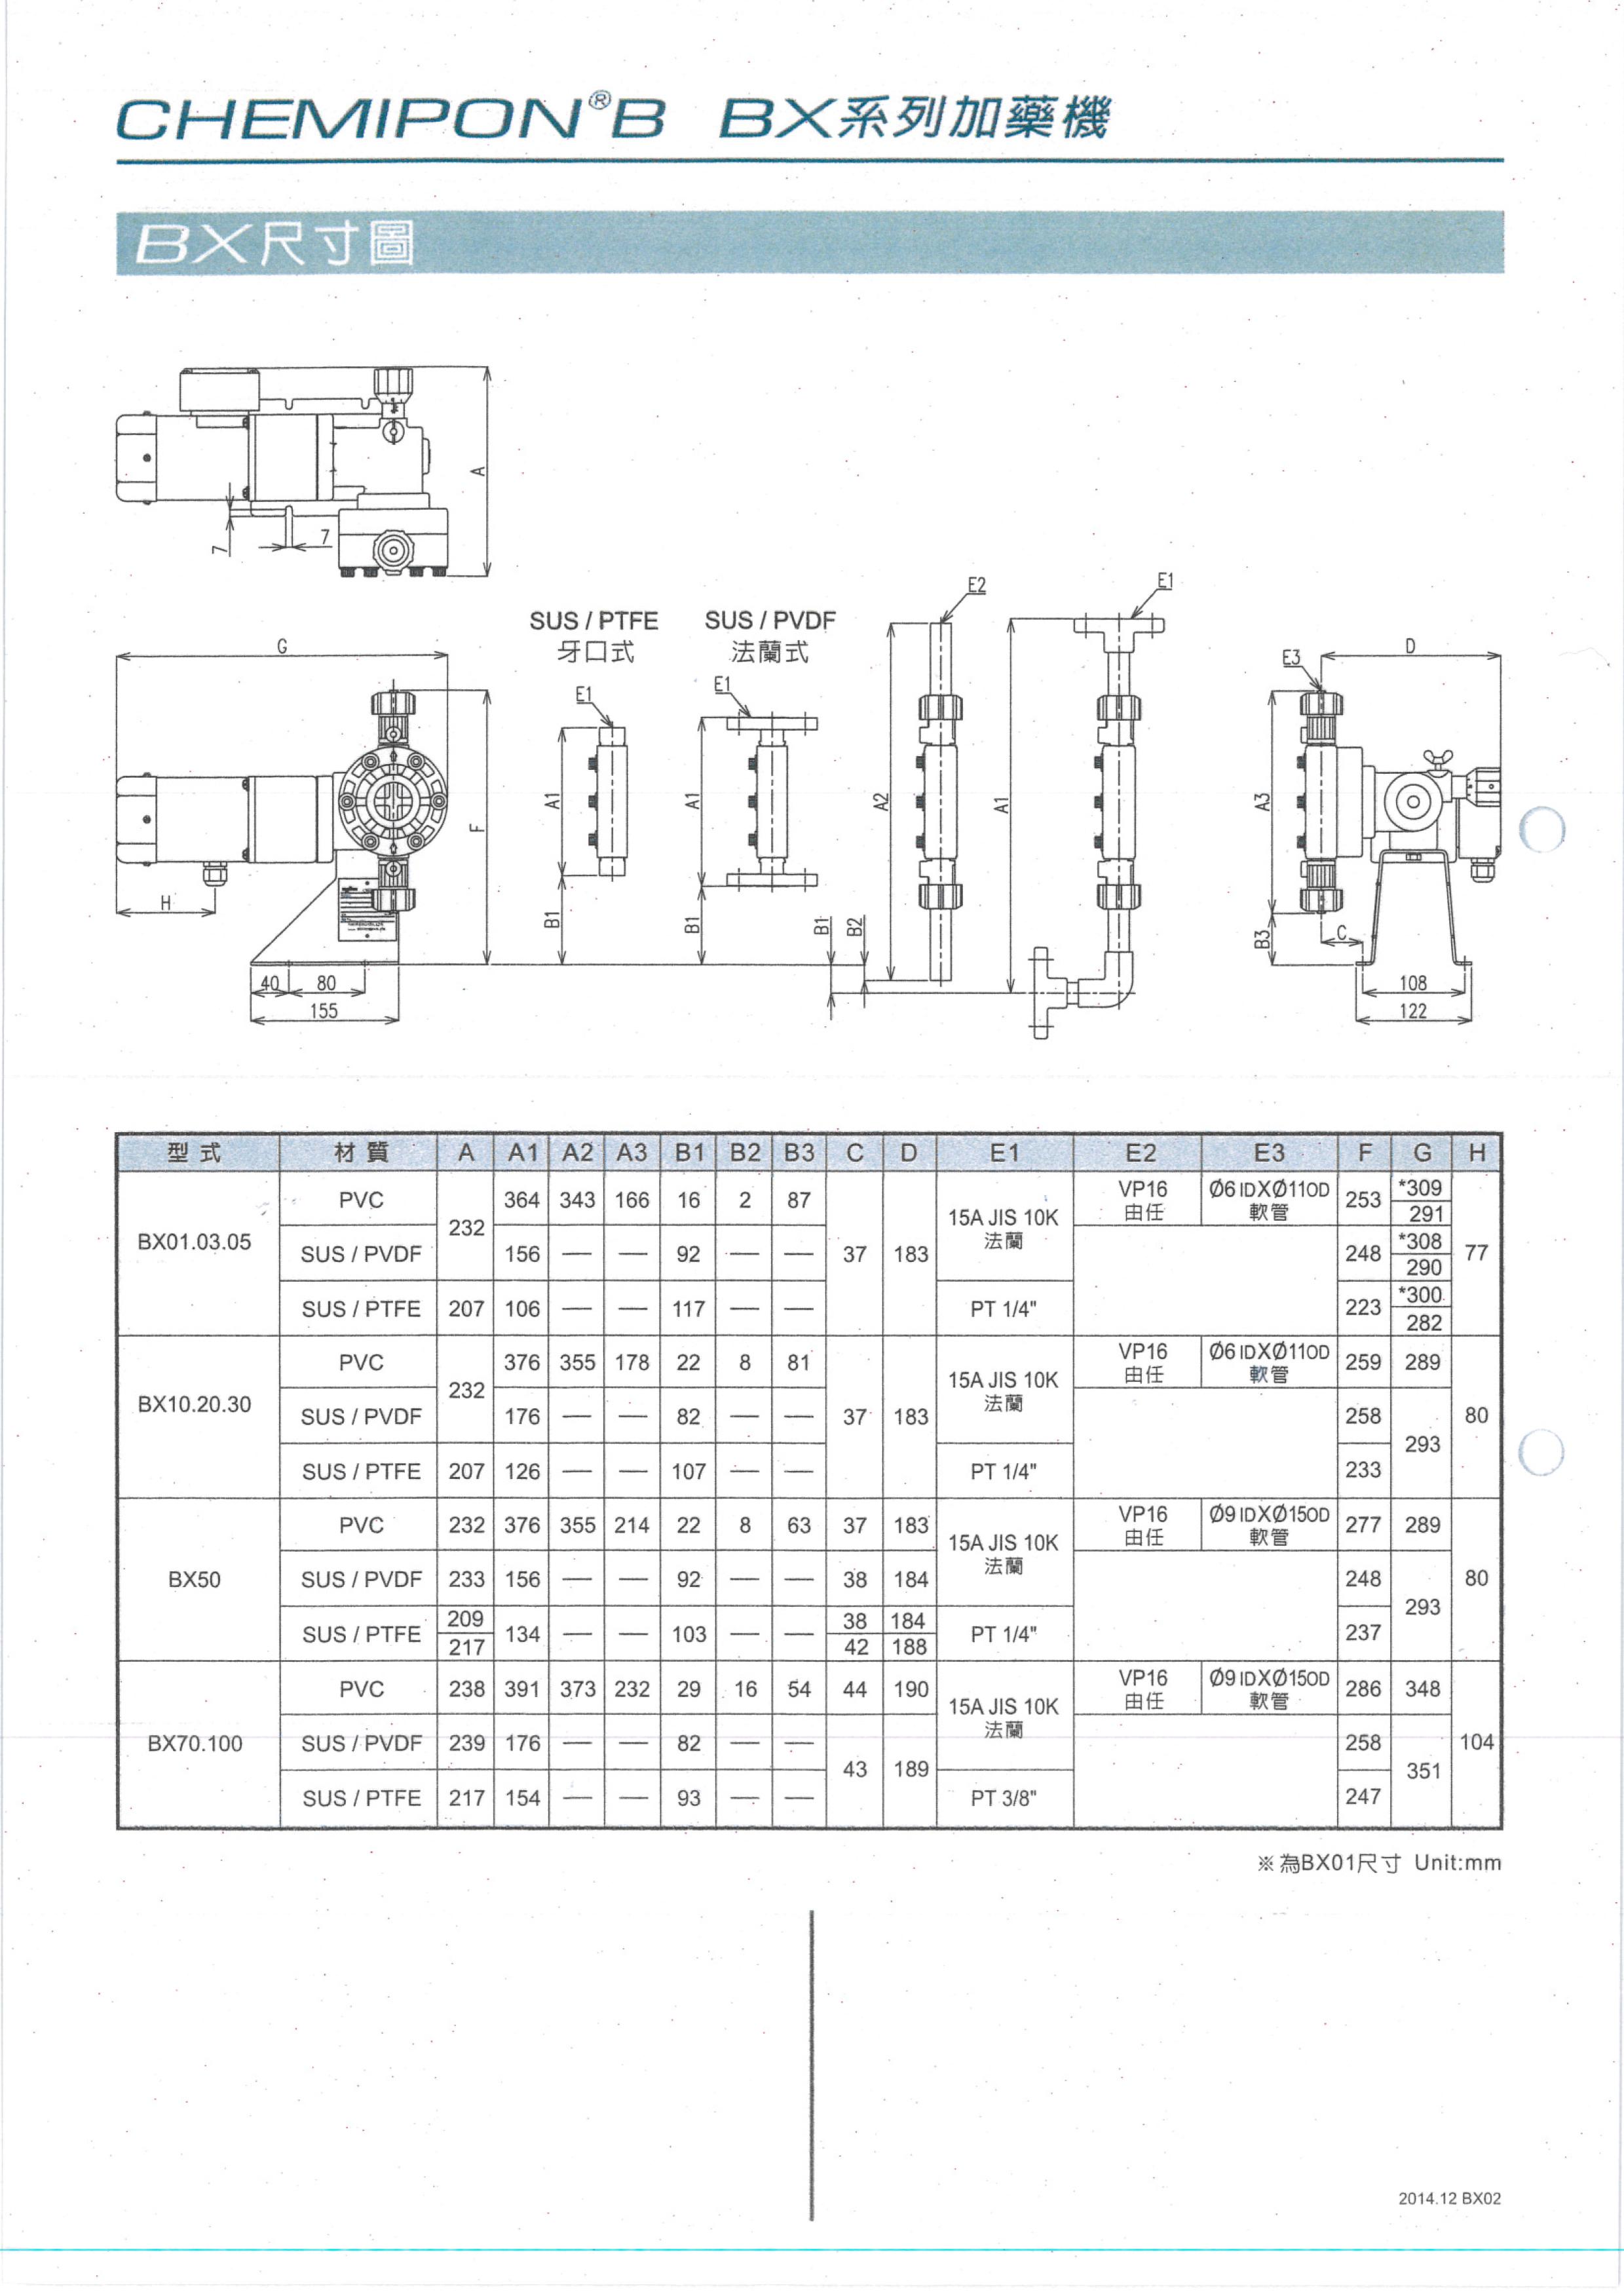 BX加藥機型錄-4